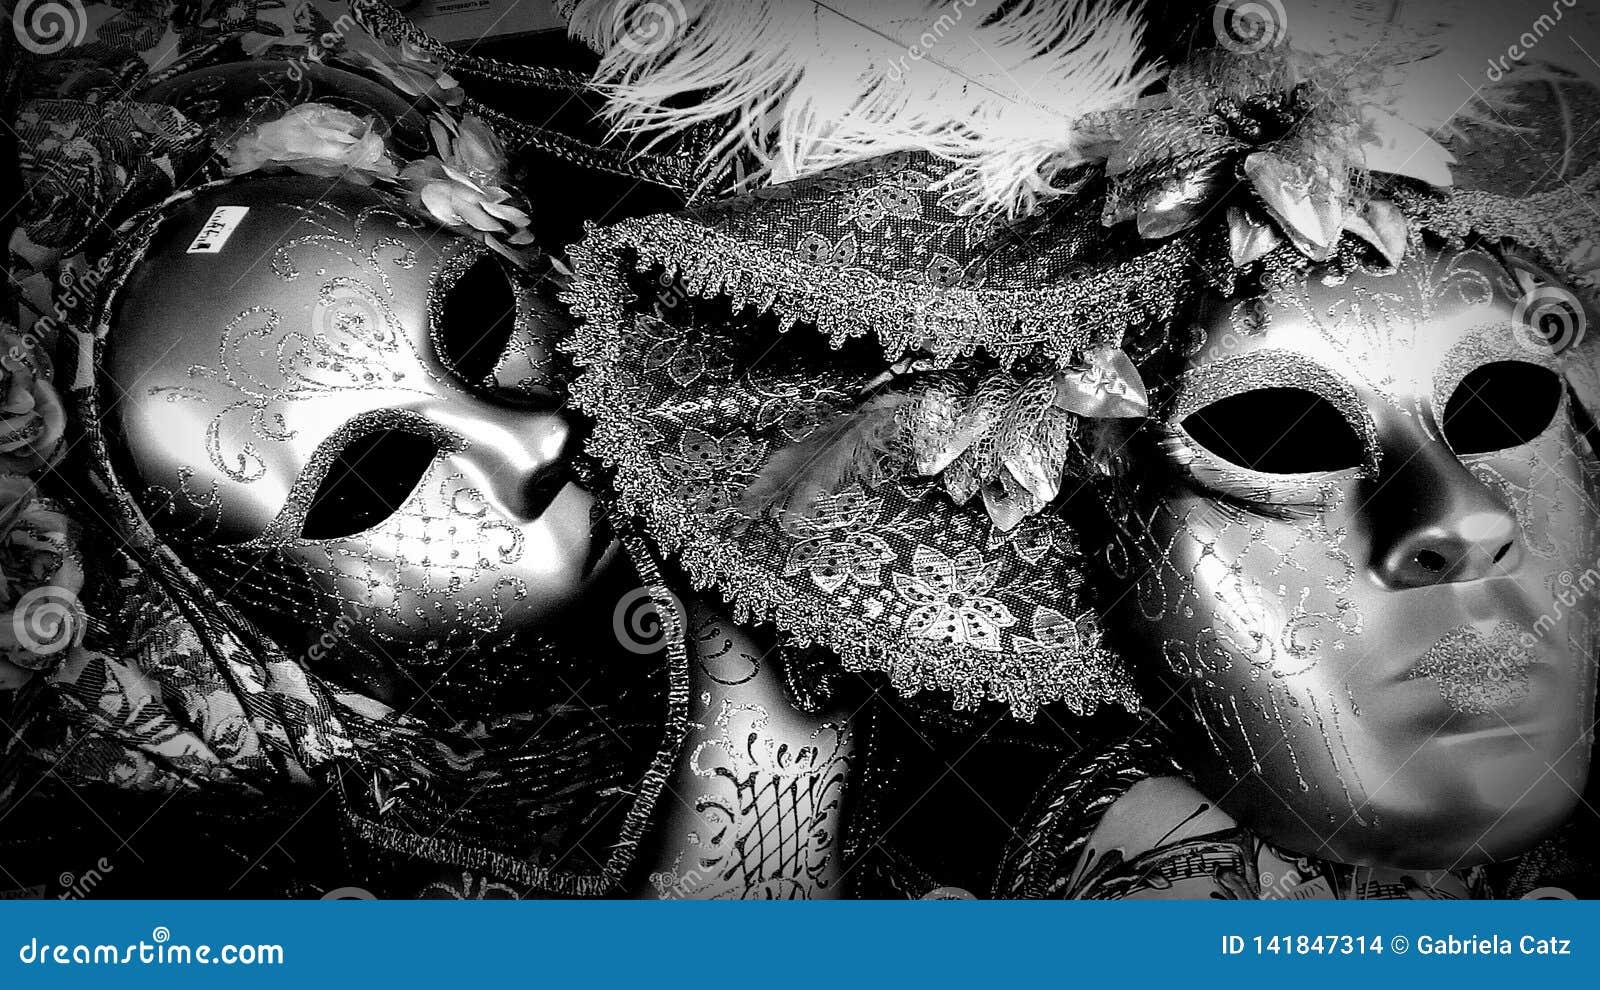 Masks in monochrome